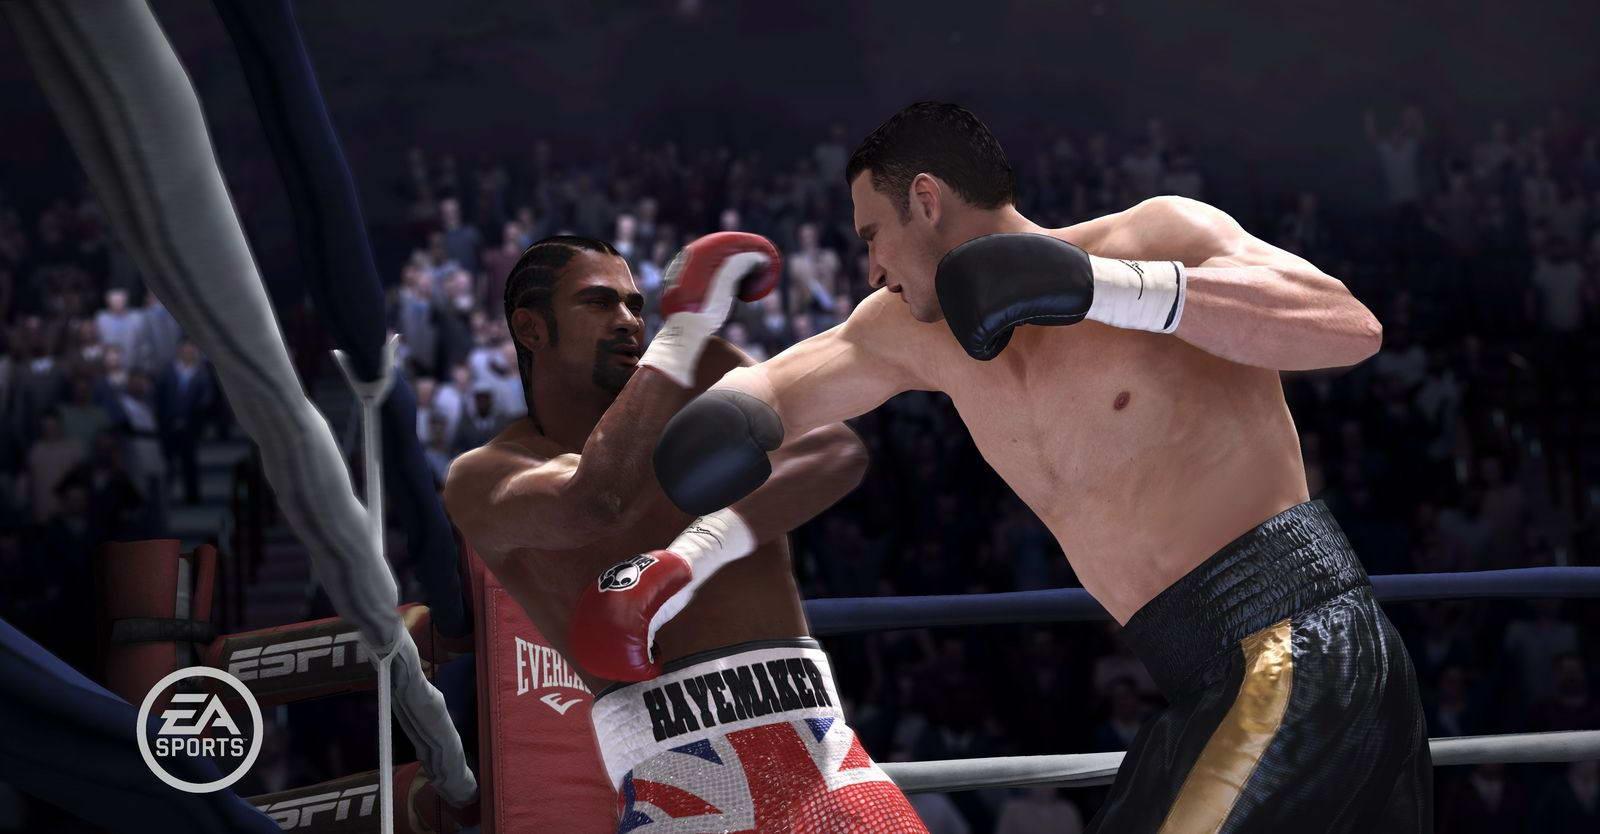 Скриншот Fight Night: Champion